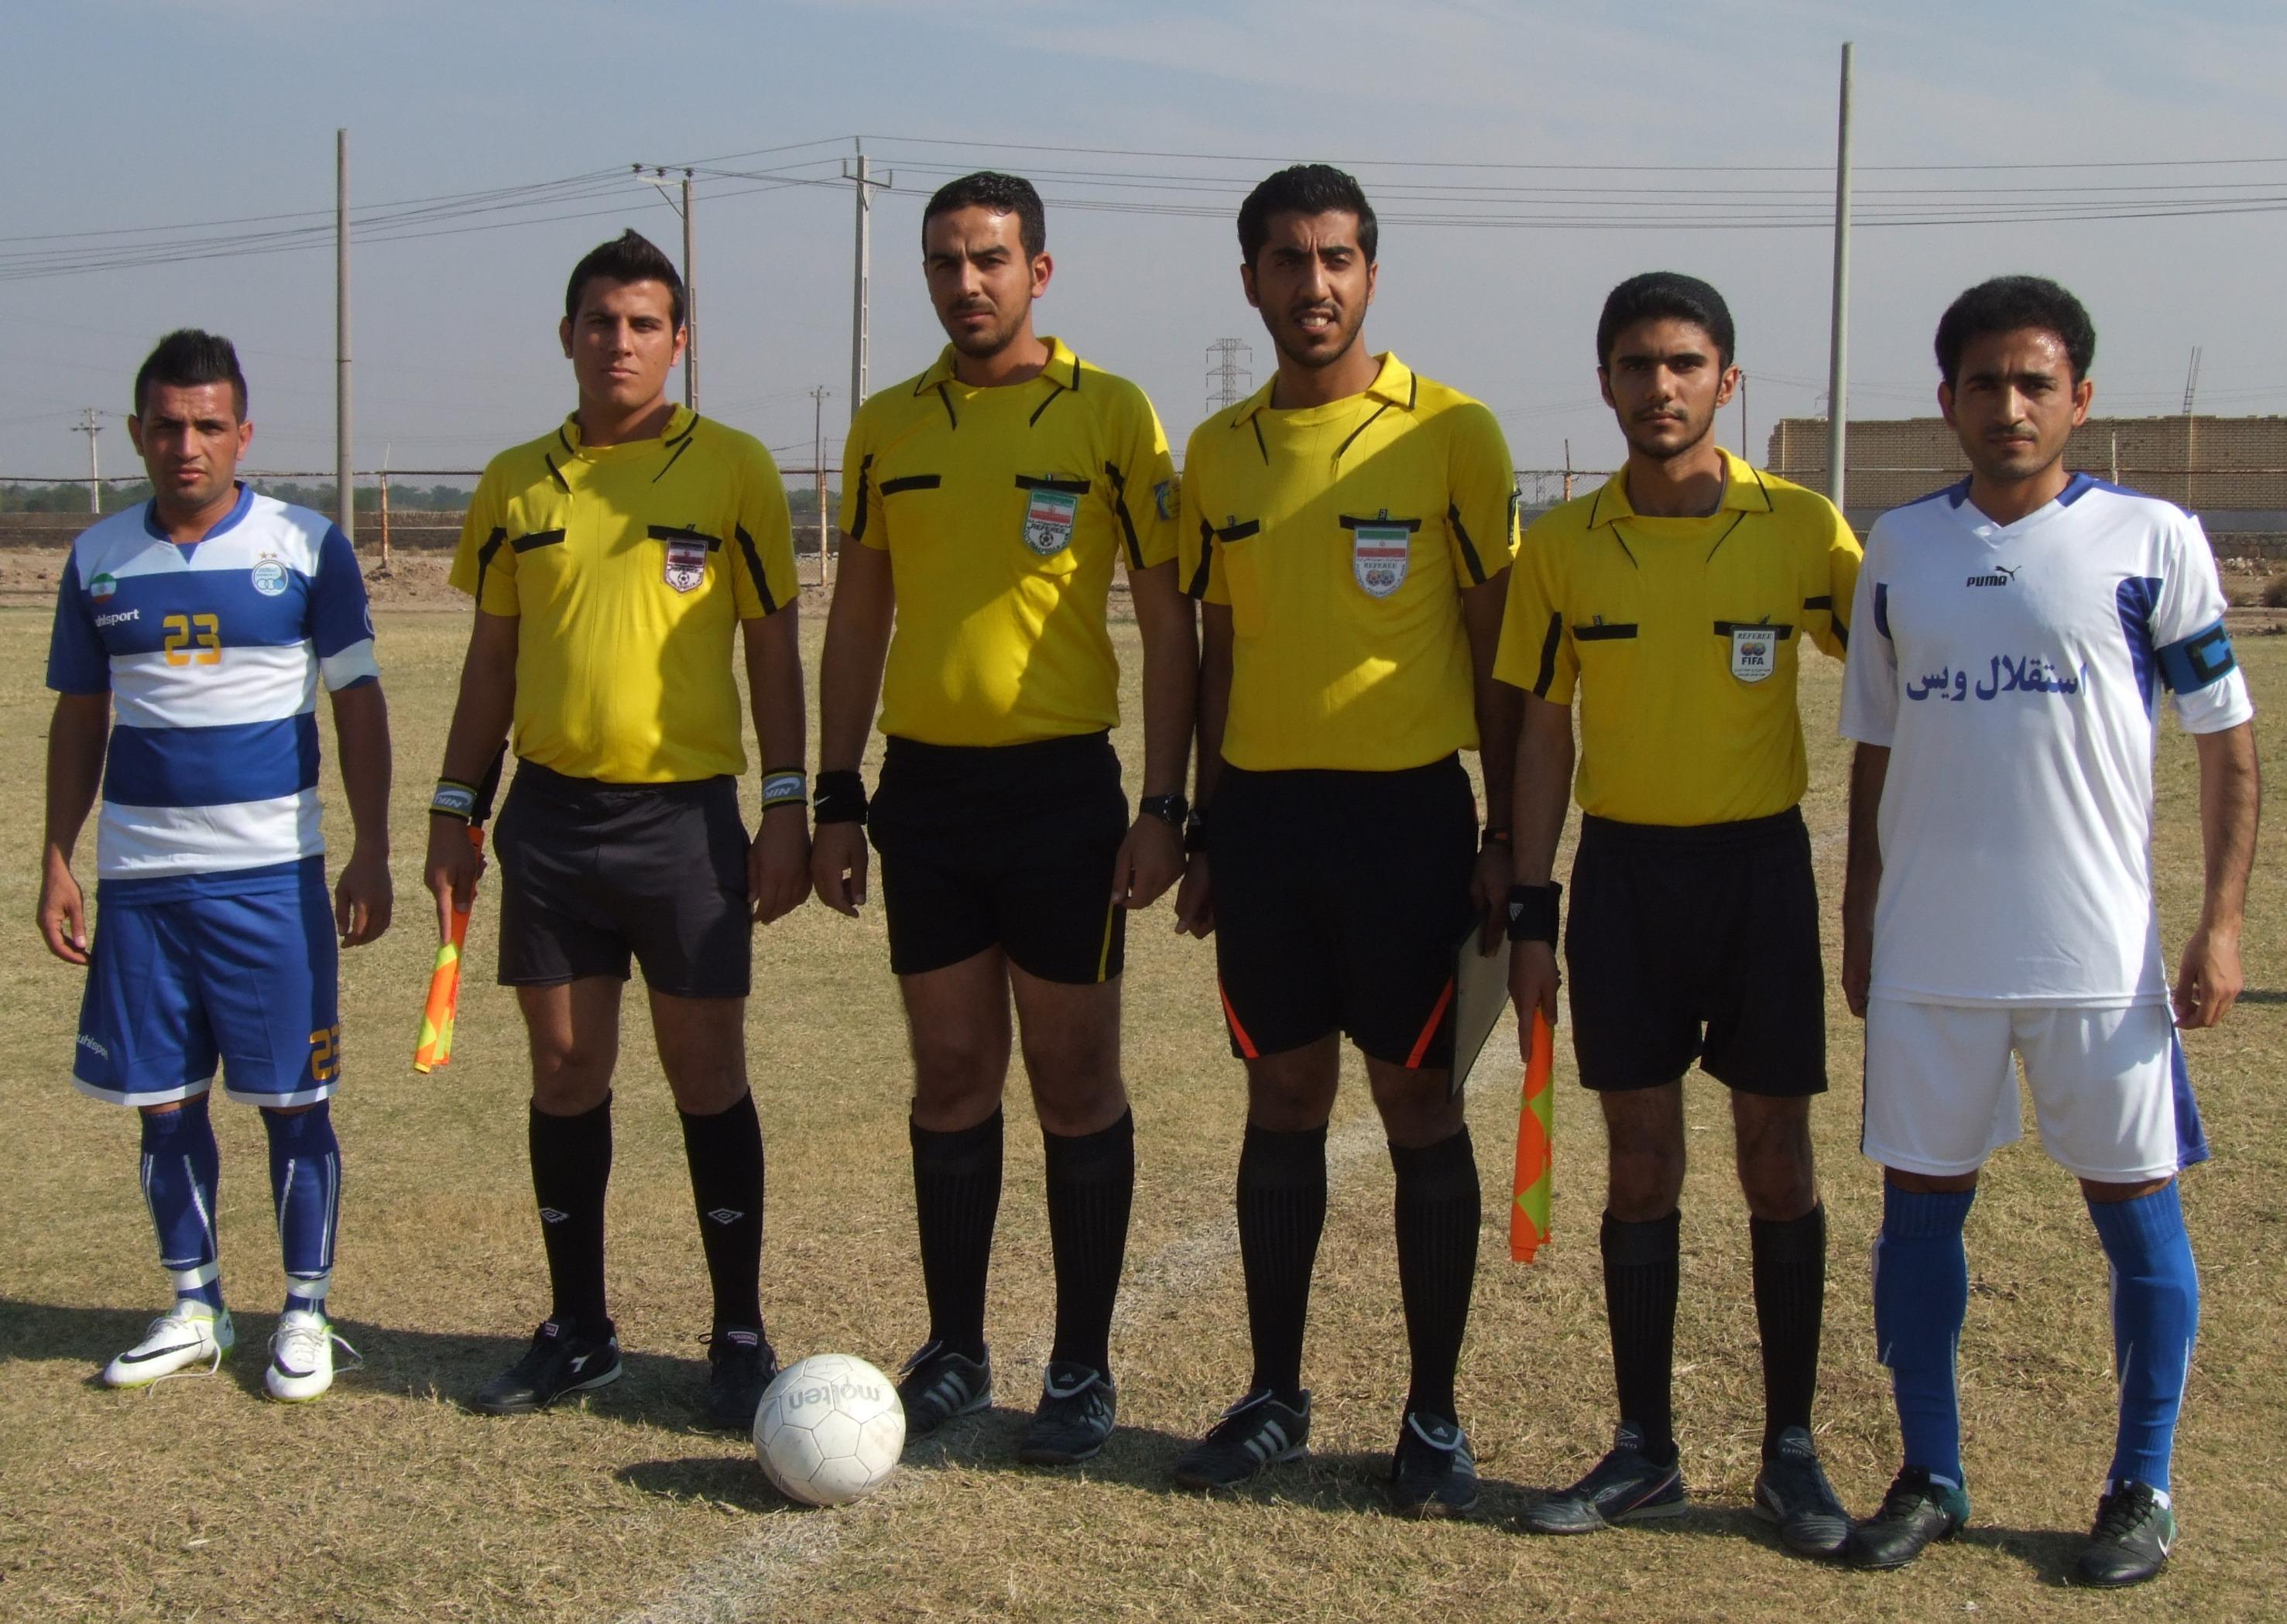 نتایج هفته هفدهم مسابقات فوتبال دسته یک بزرگسالان باشگاهی خوزستان به همراه جدول رده بندی